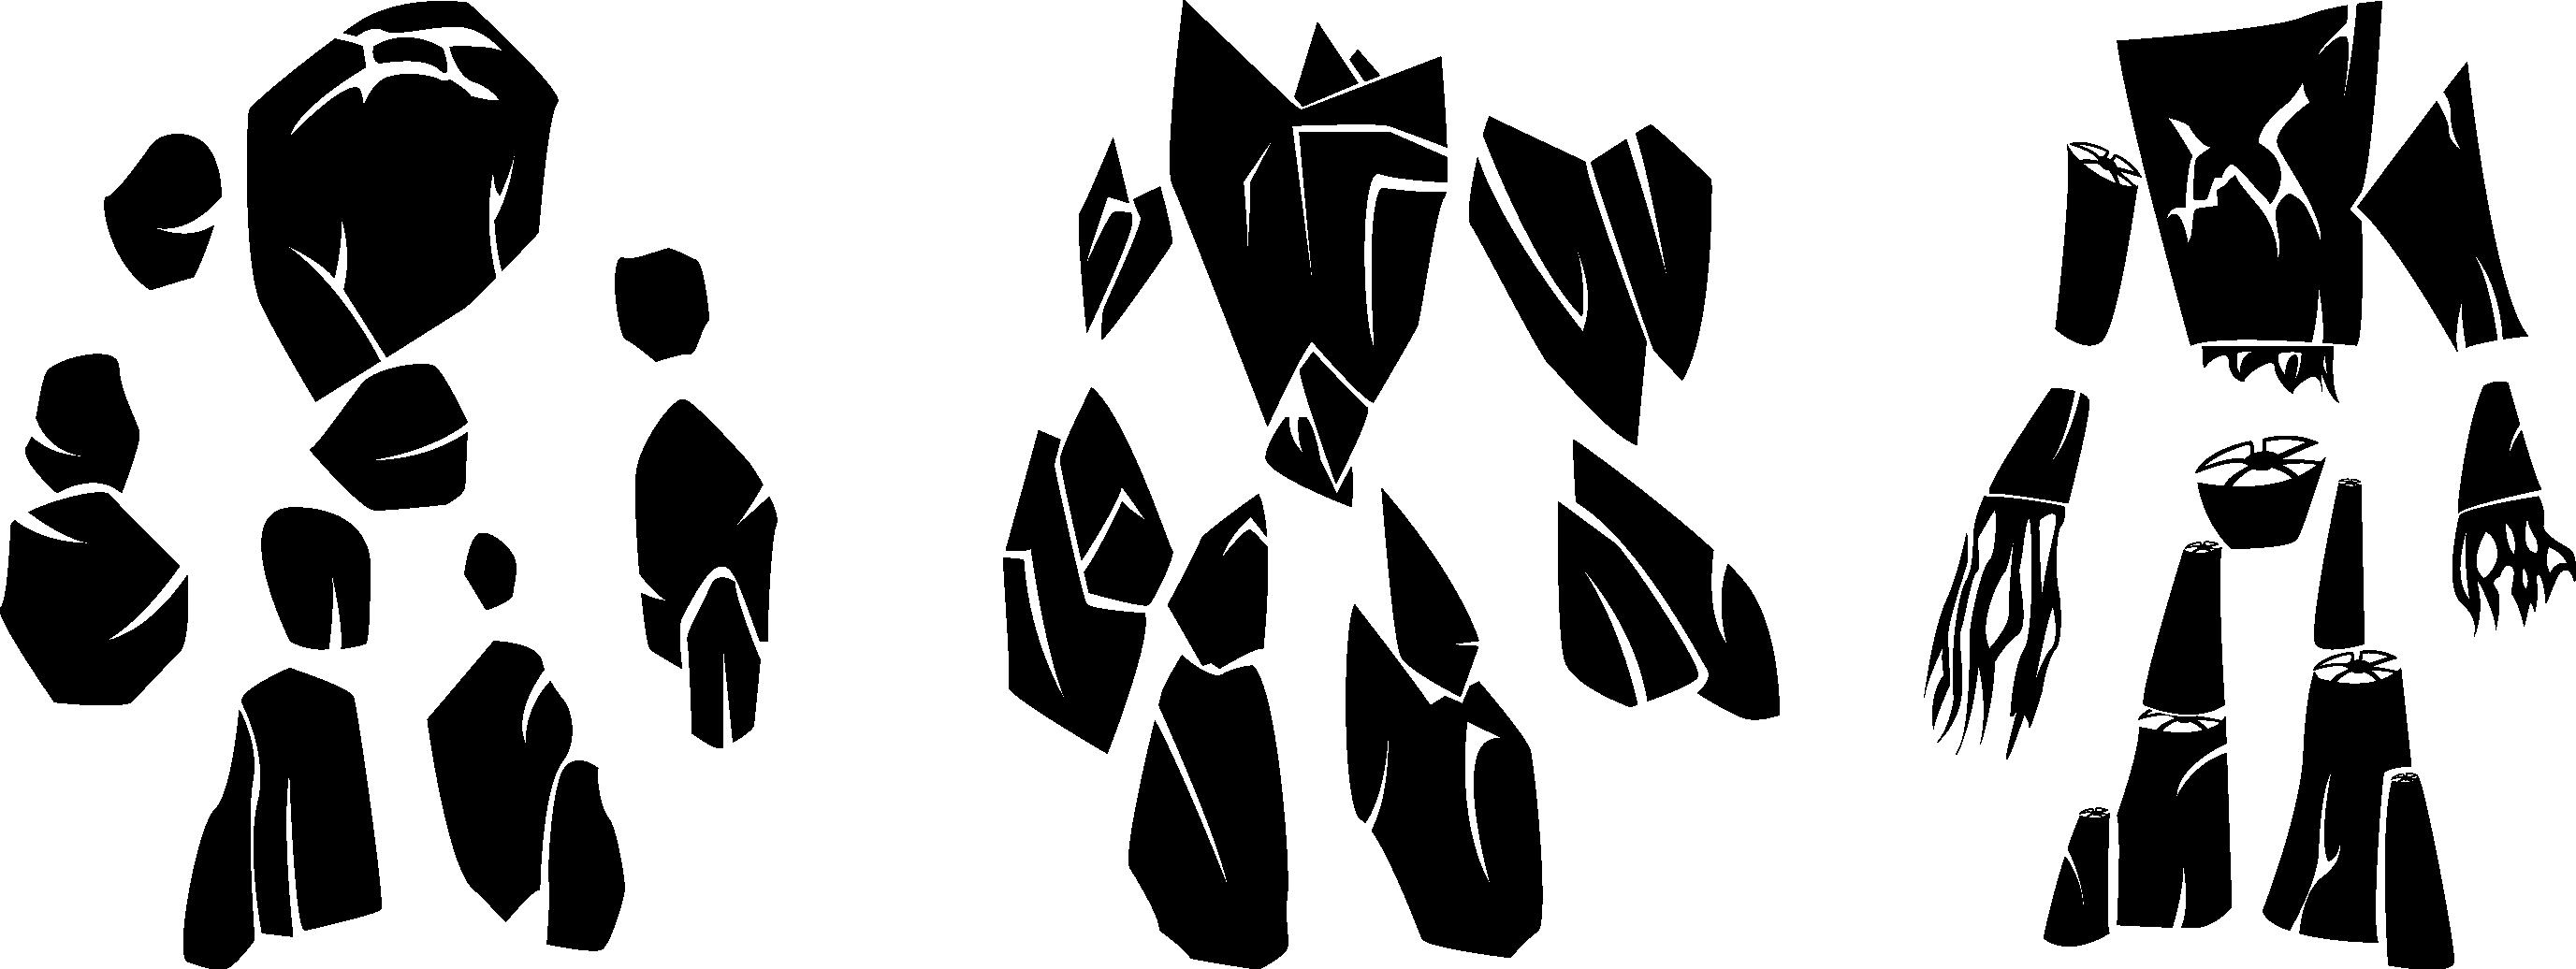 12 - mQuwoLn